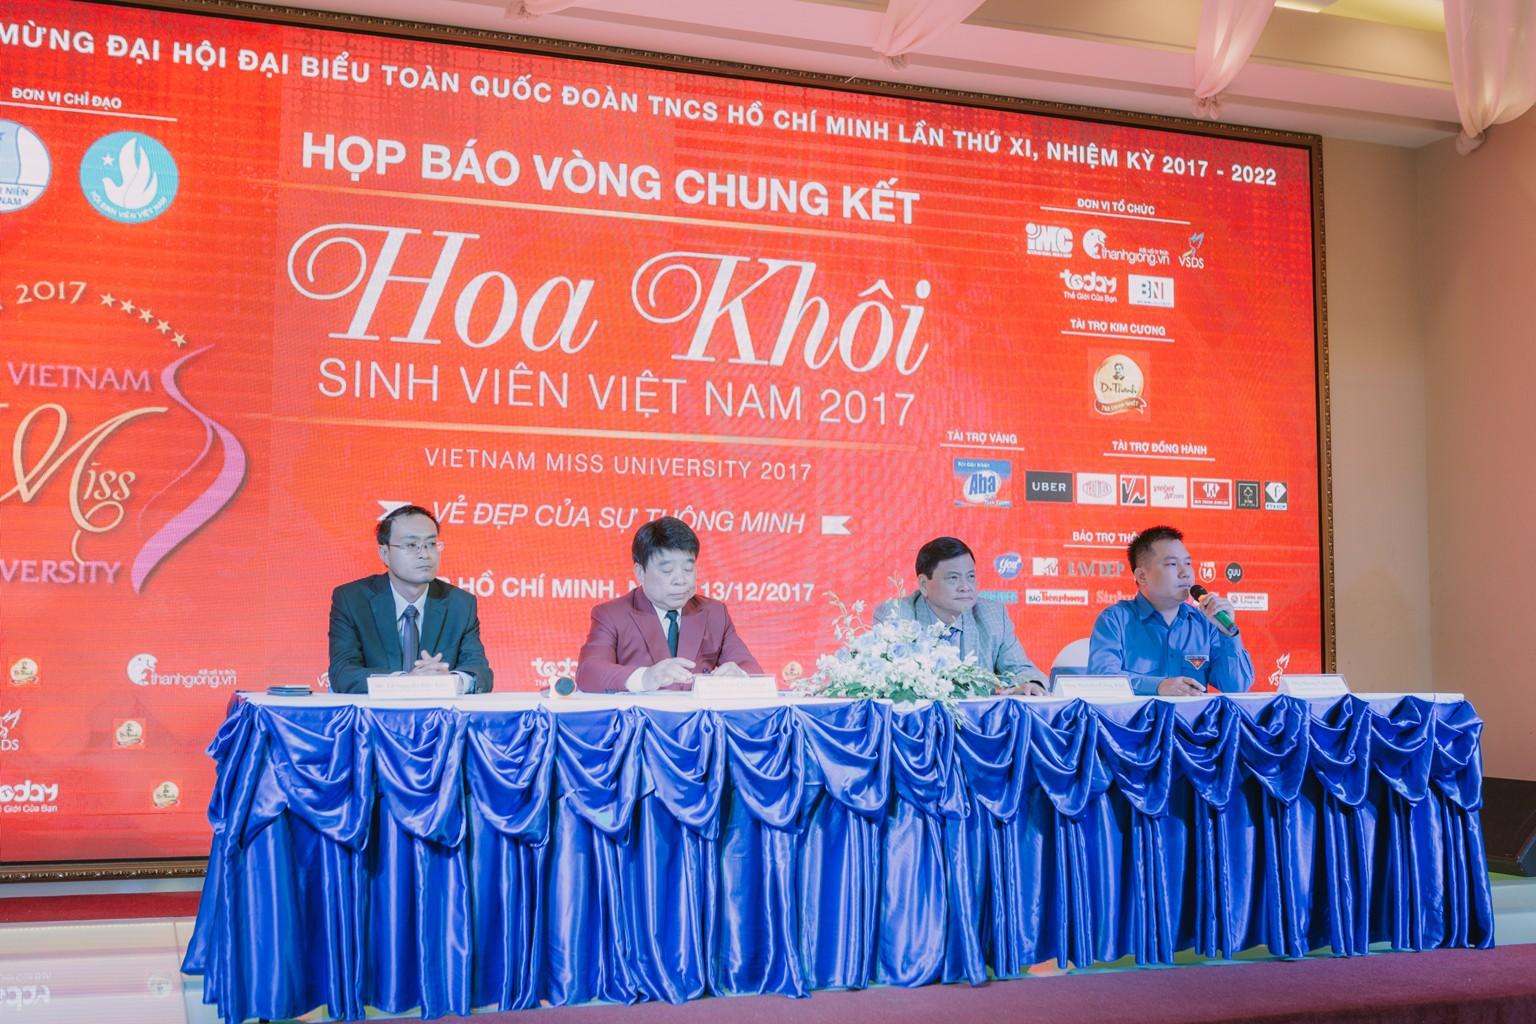 Cuối tuần này, 45 nữ sinh tài năng nhất sẽ cùng tranh tài trong đêm Chung kết Hoa khôi sinh viên Việt Nam - Ảnh 1.